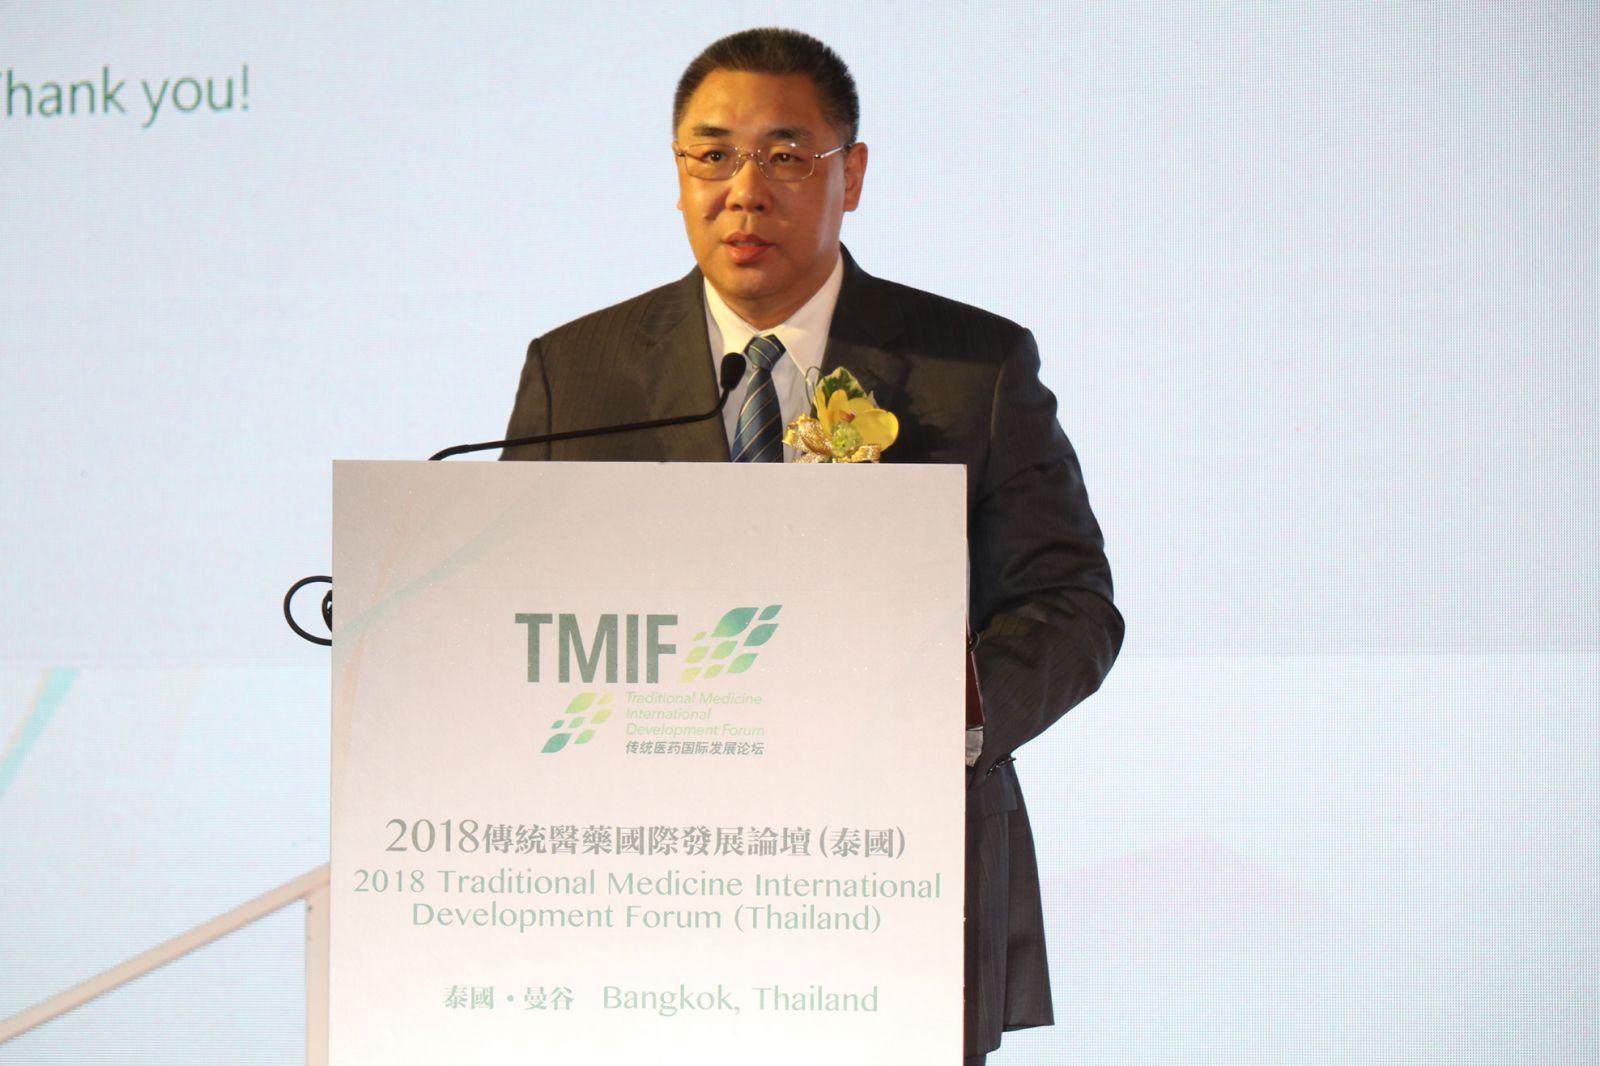 冀為東盟及中國企業拓展海外